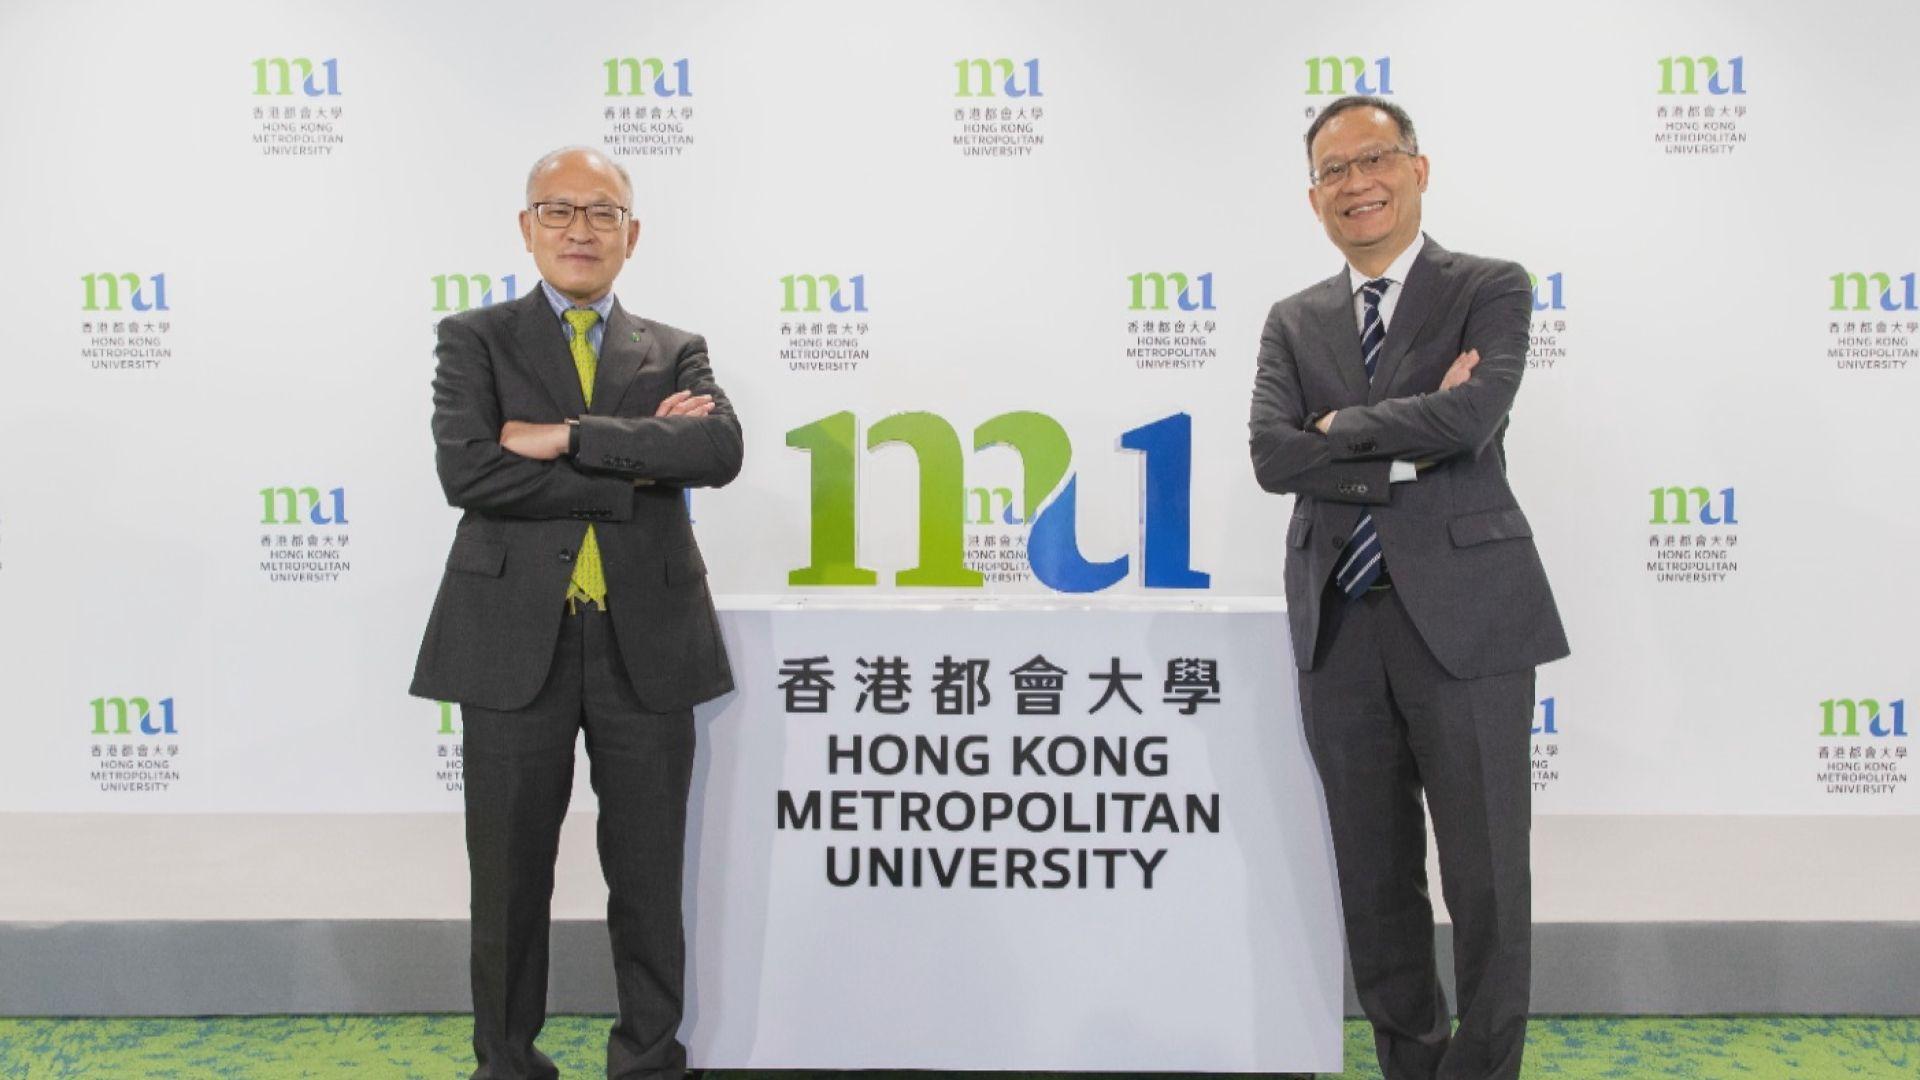 立法會通過公開大學改名為香港都會大學